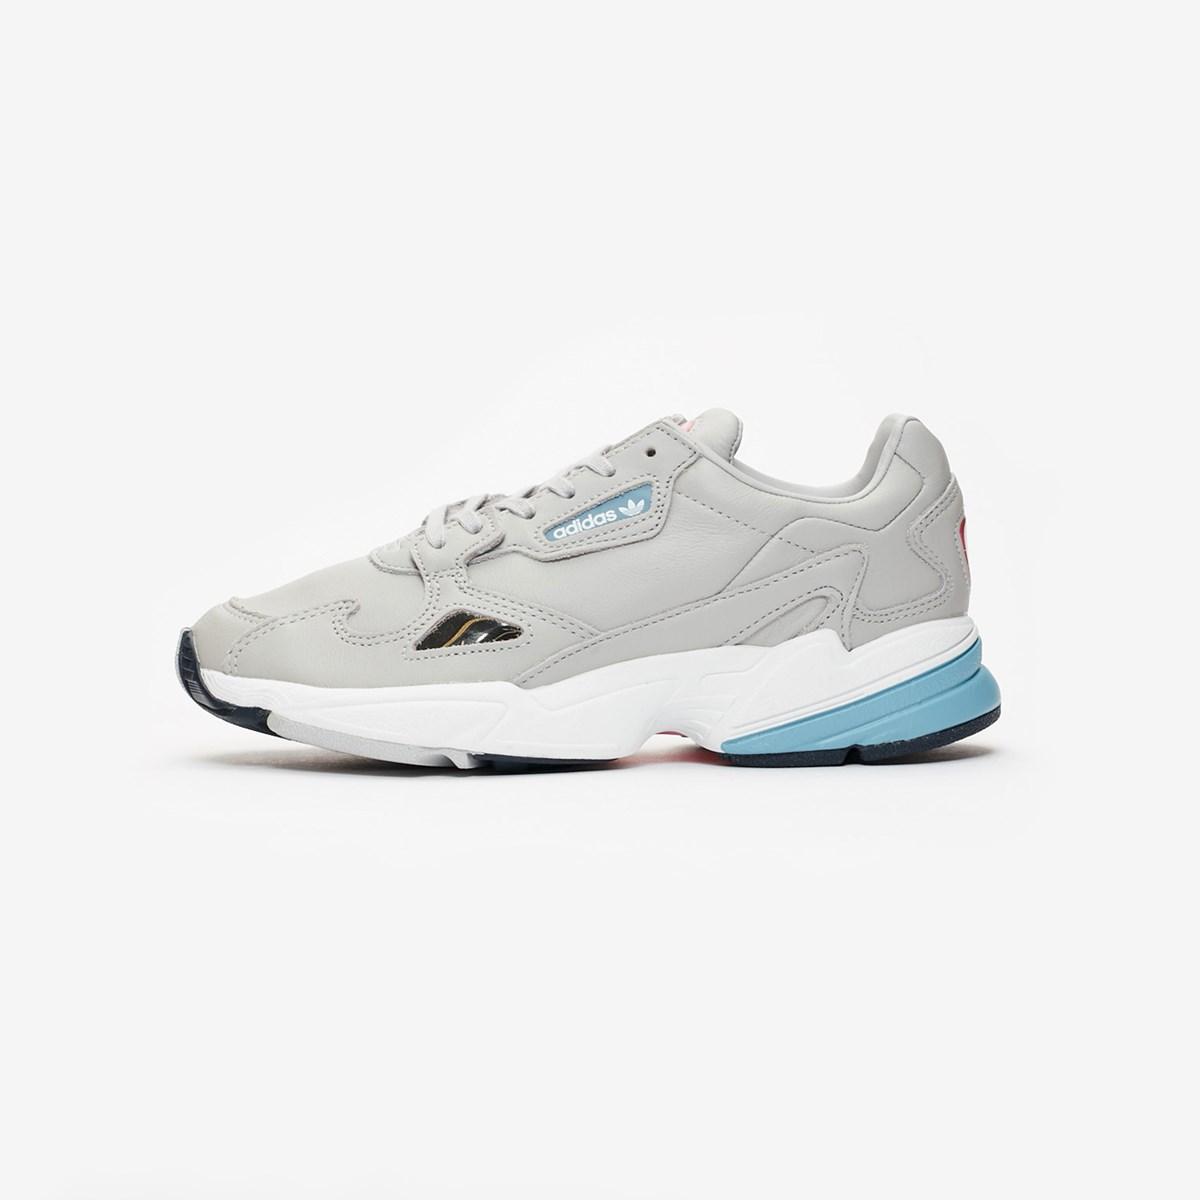 Adidas Women Falcon Shoes GreyRaw Blue B37840 |